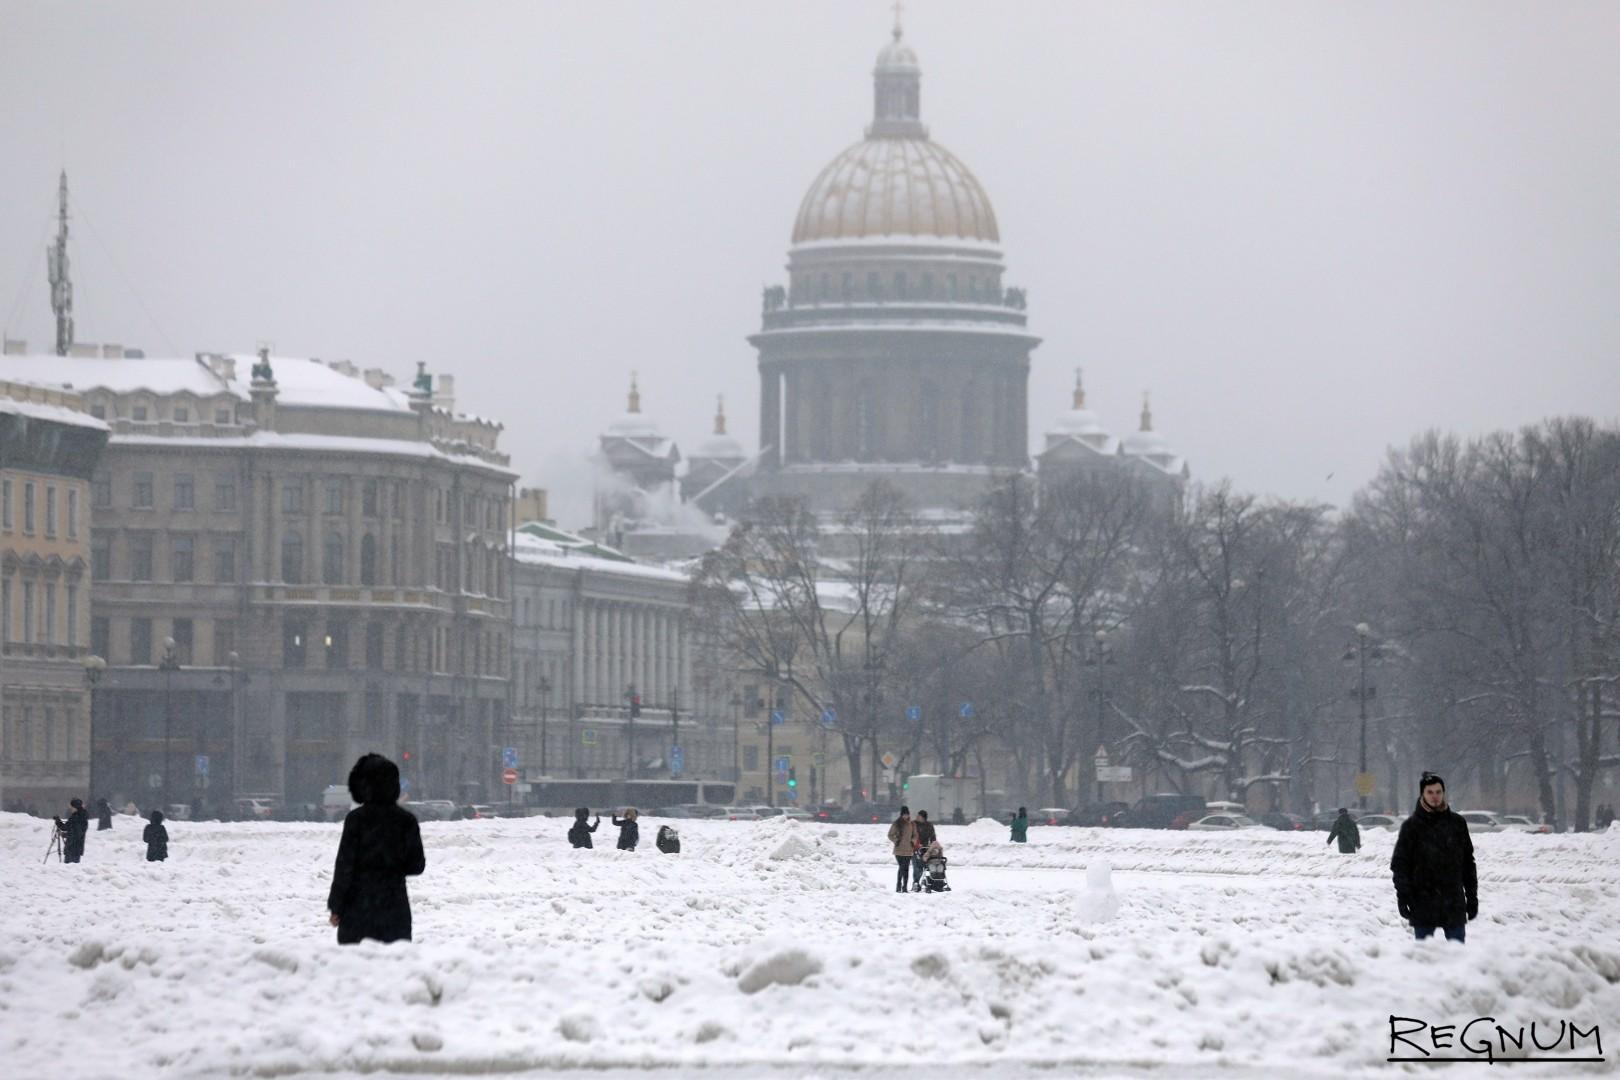 Неубранная Дворцовая площадь